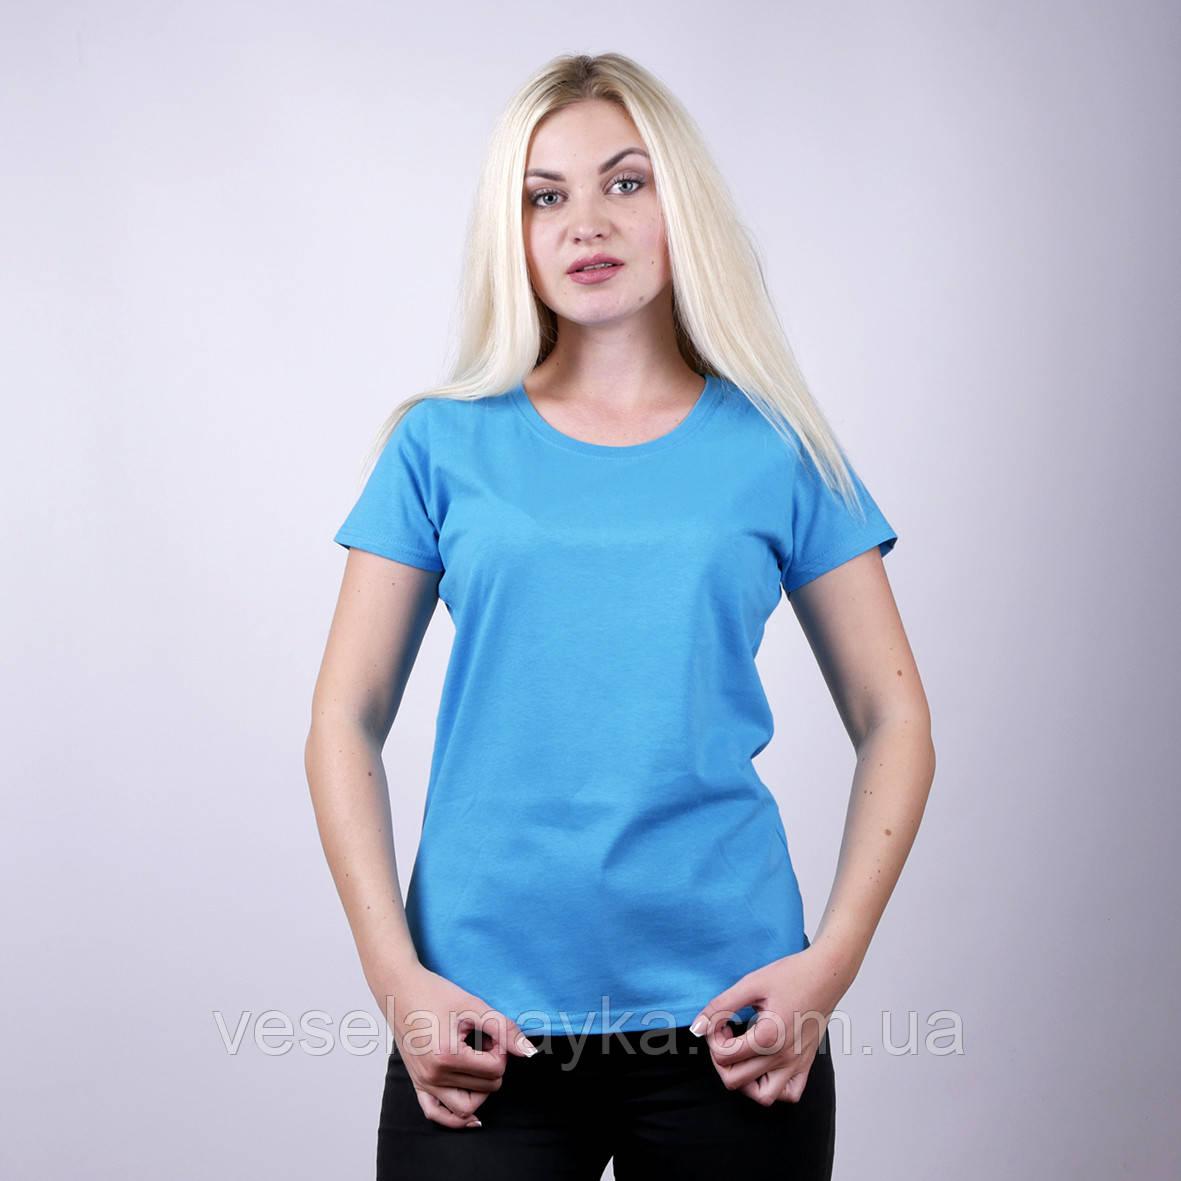 Бірюзова жіноча футболка (Комфорт)